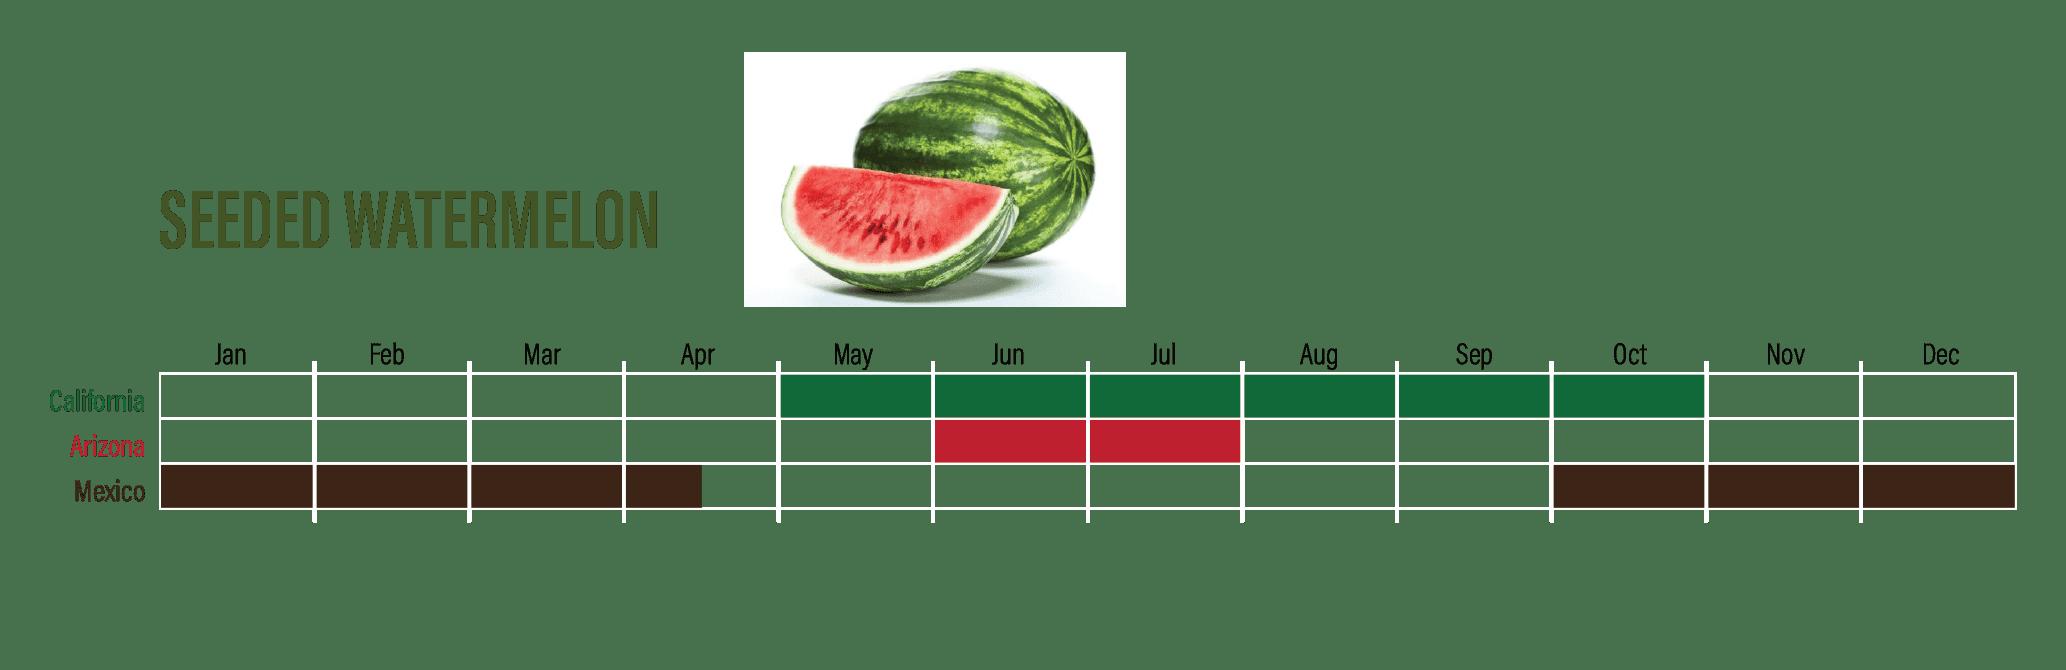 WatermelonAvailability-04